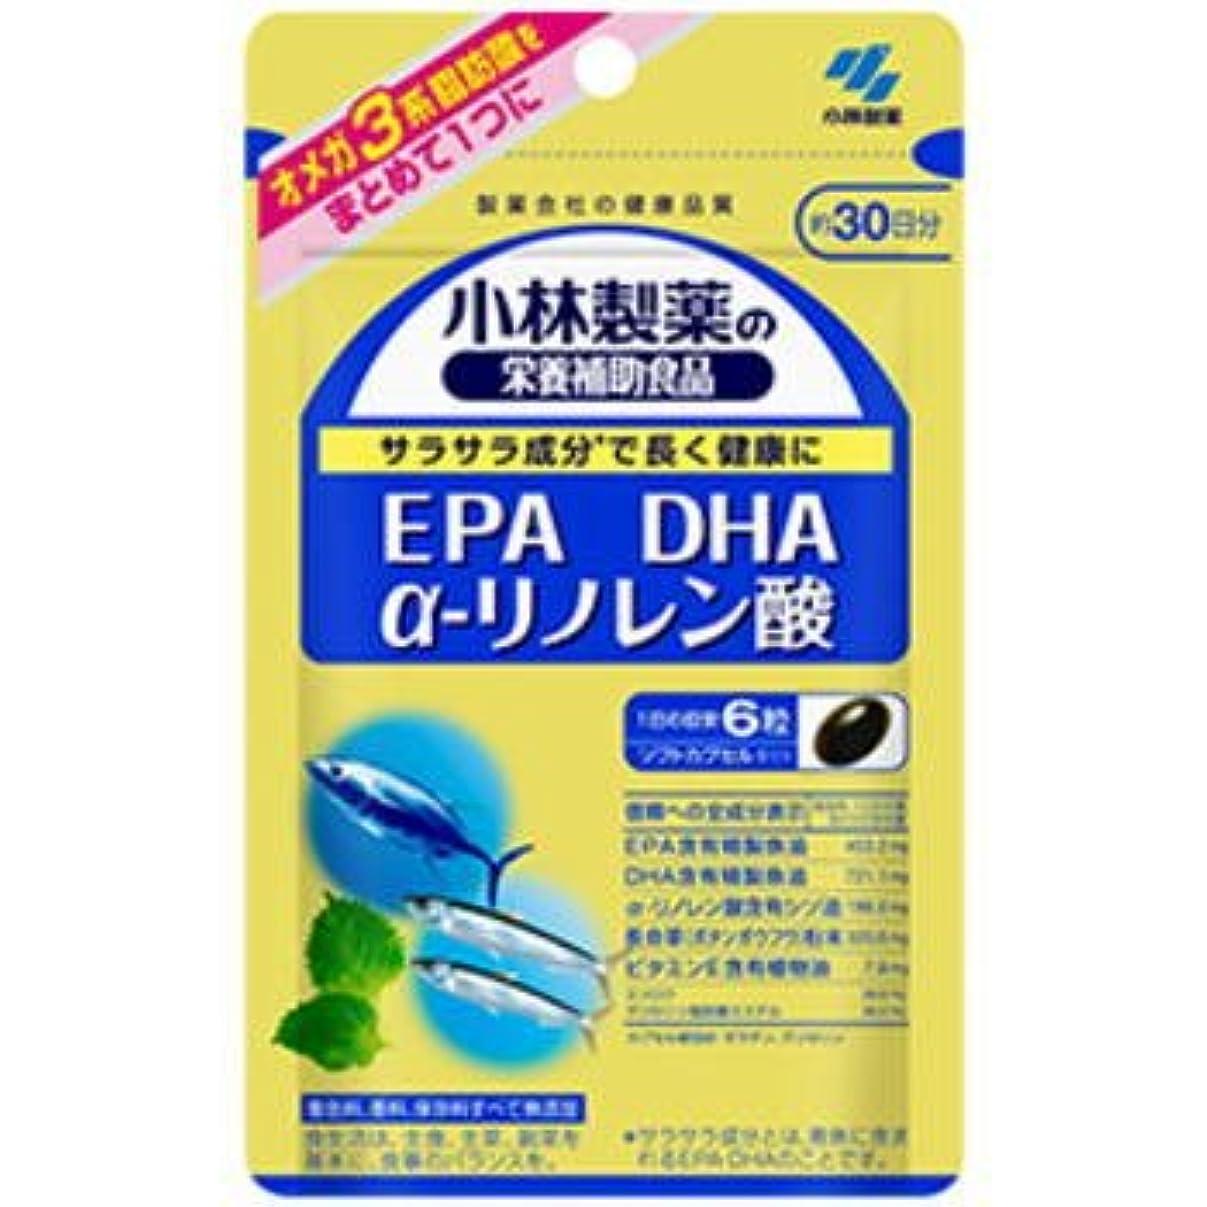 ショート潤滑するベル小林製薬 EPA DHA α-リノレン酸 180粒【ネコポス発送】